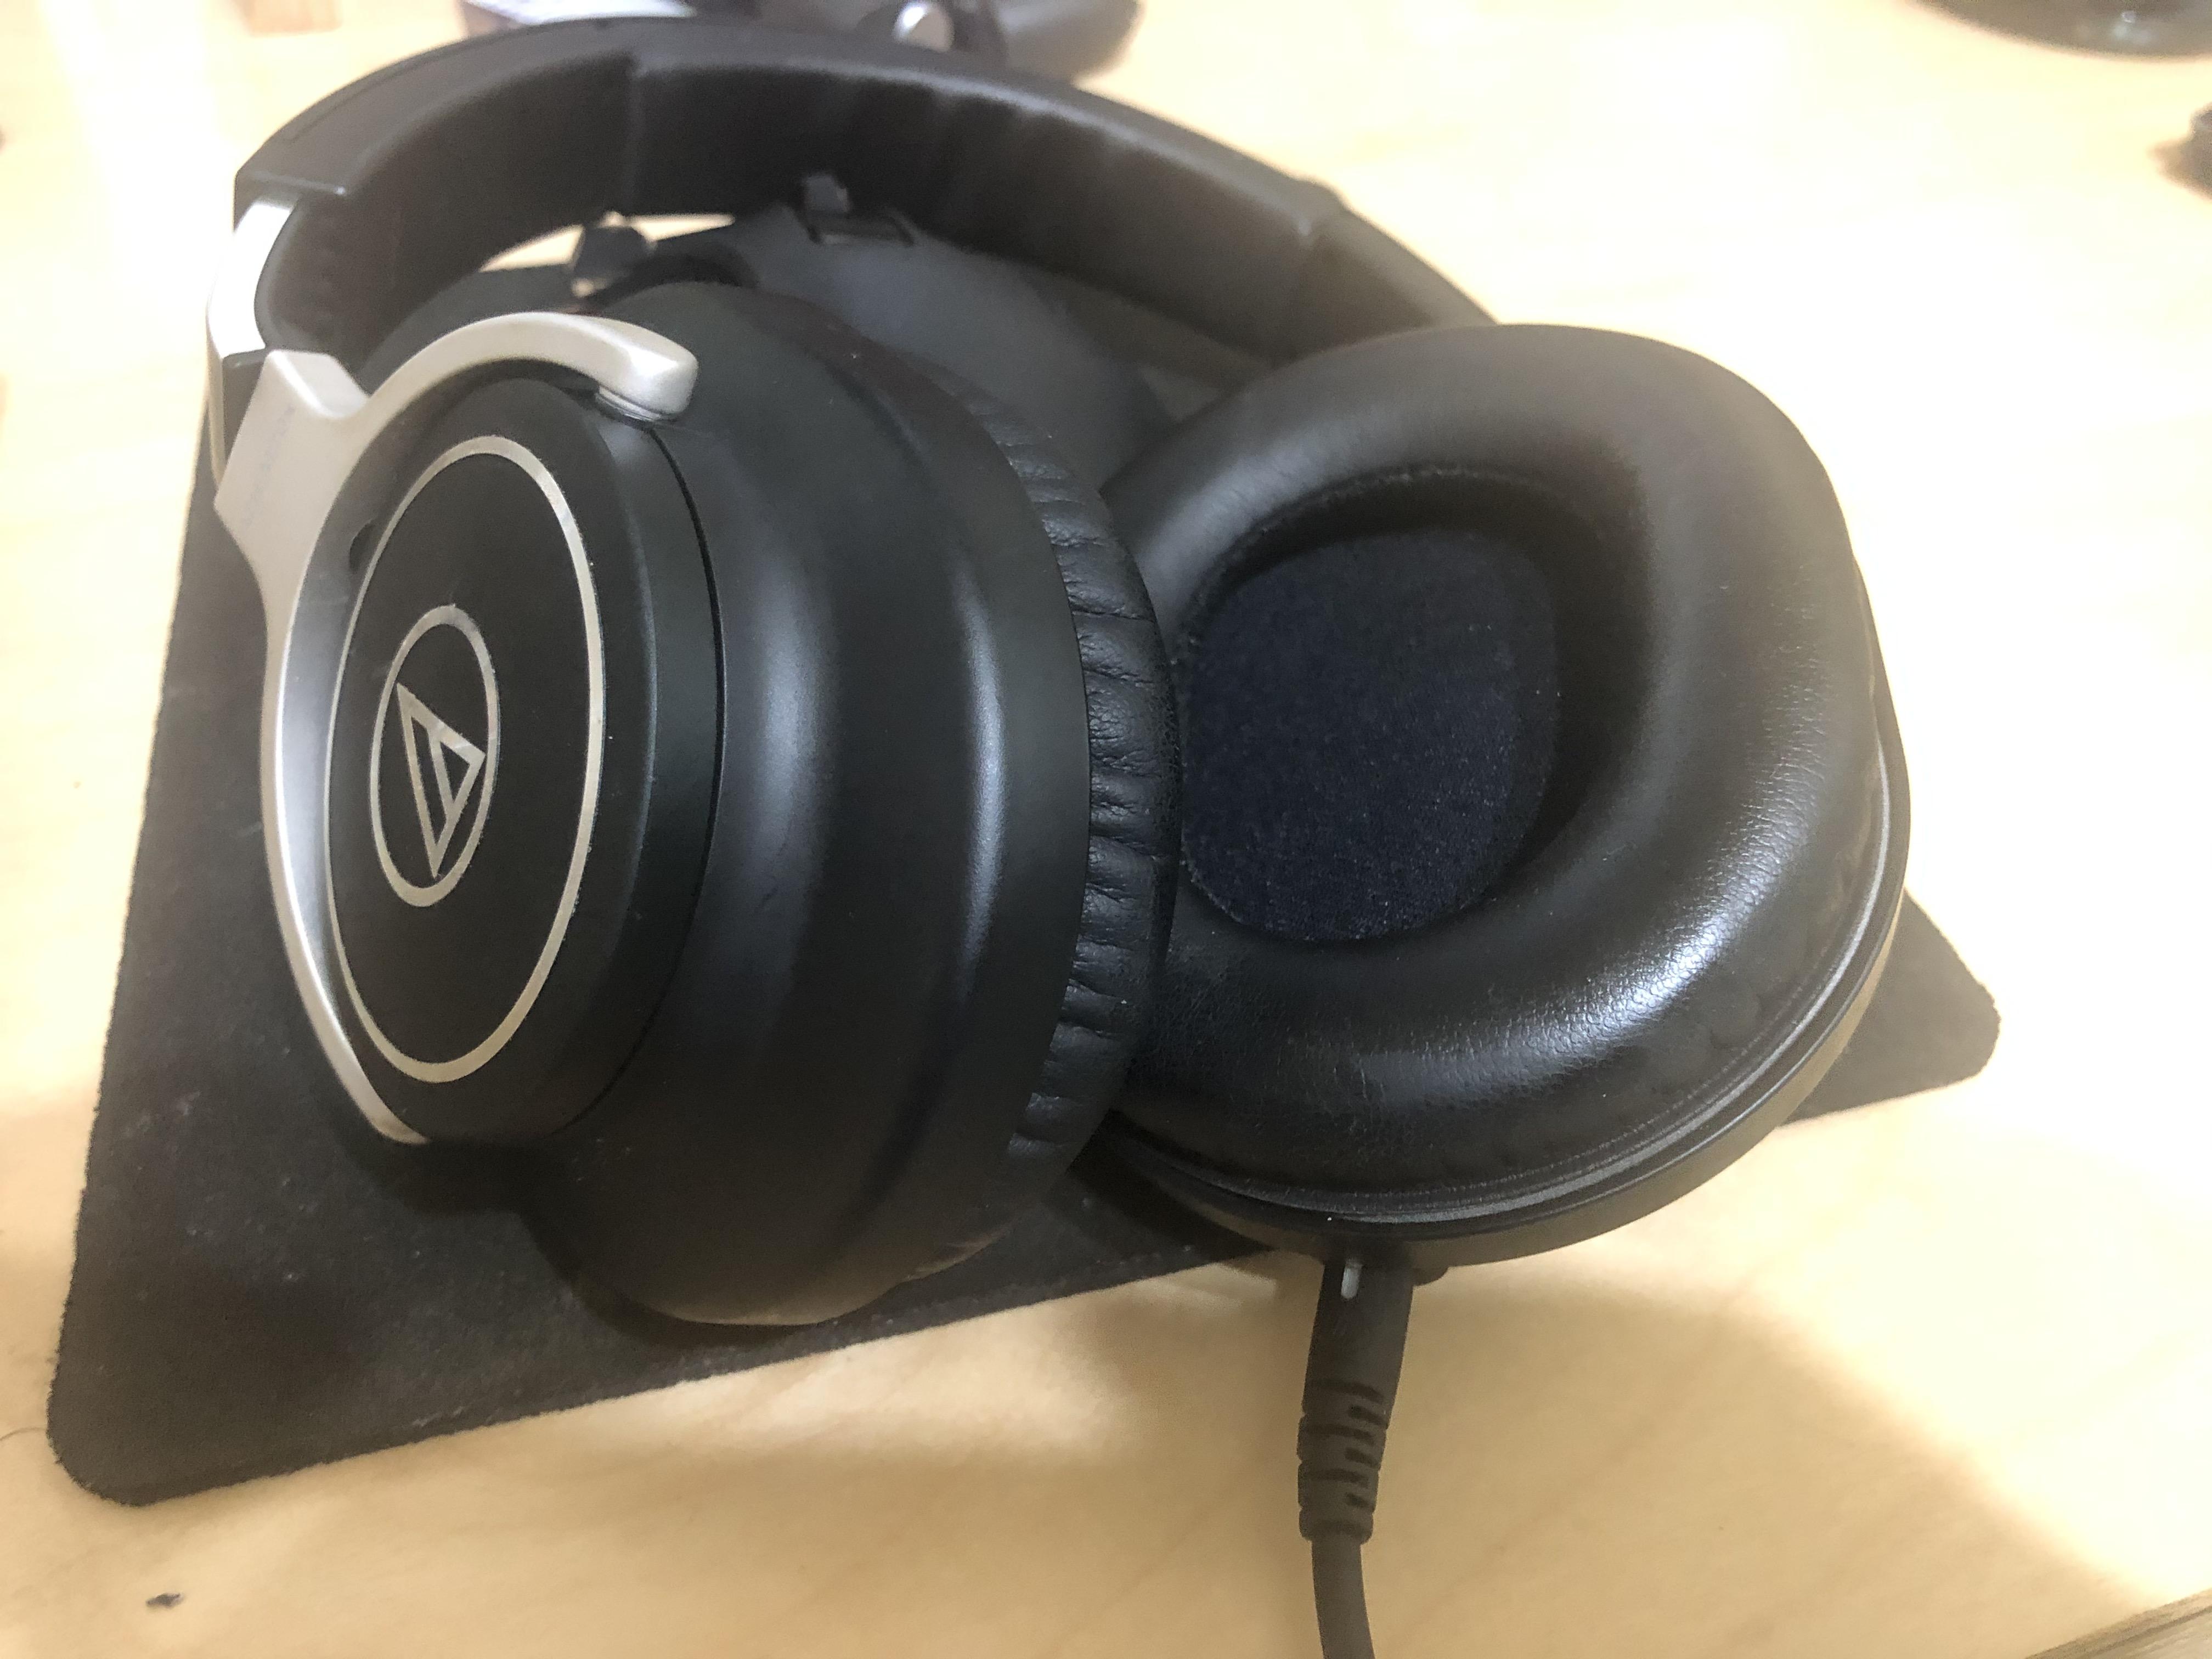 鐵三角 ATH-M70x 監聽耳罩式耳機